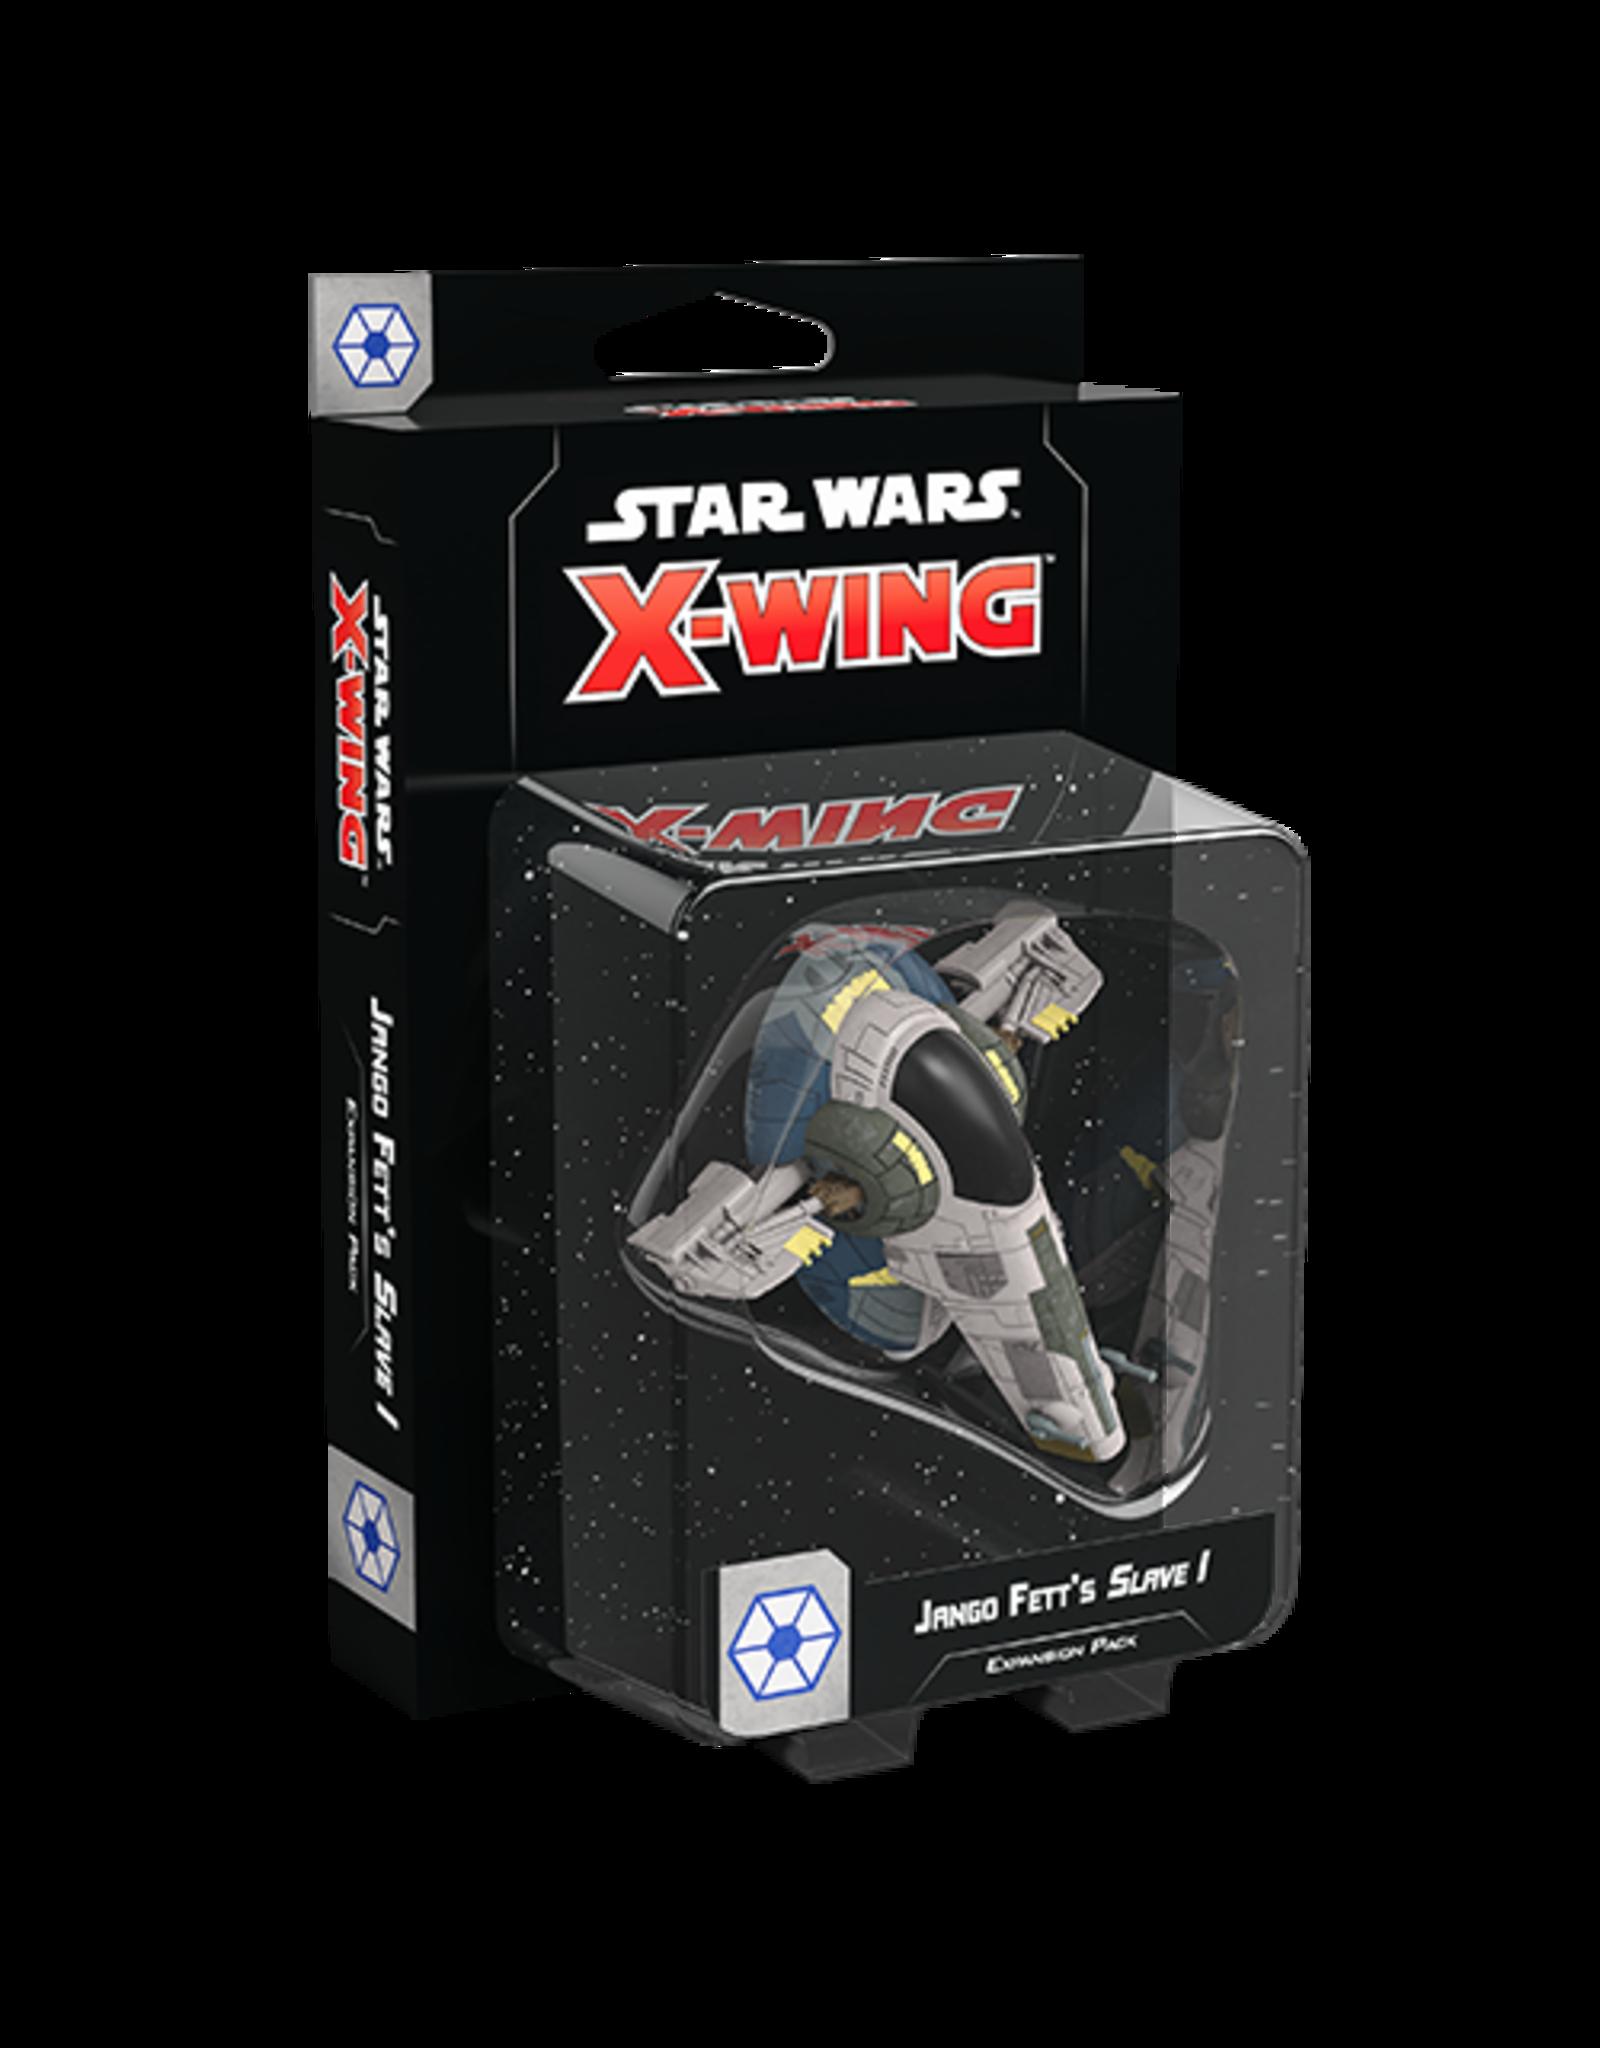 Fantasy Flight Games Star Wars X-wing 2E: Jango Fett's Slave I